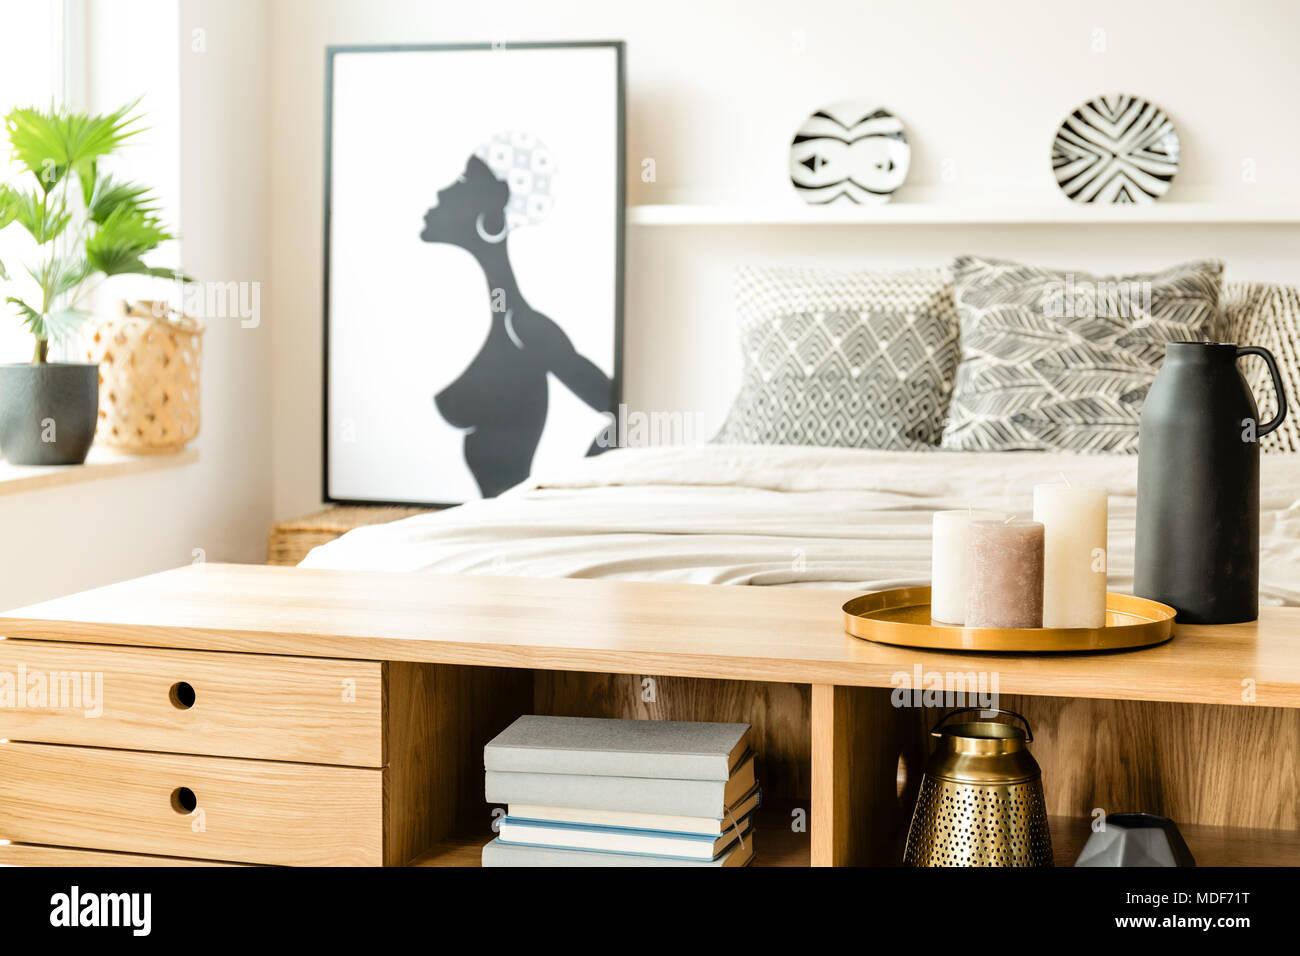 schlafzimmer kerzen, nahaufnahme einer holzgehäuse mit kerzen in einem schlafzimmer, Design ideen